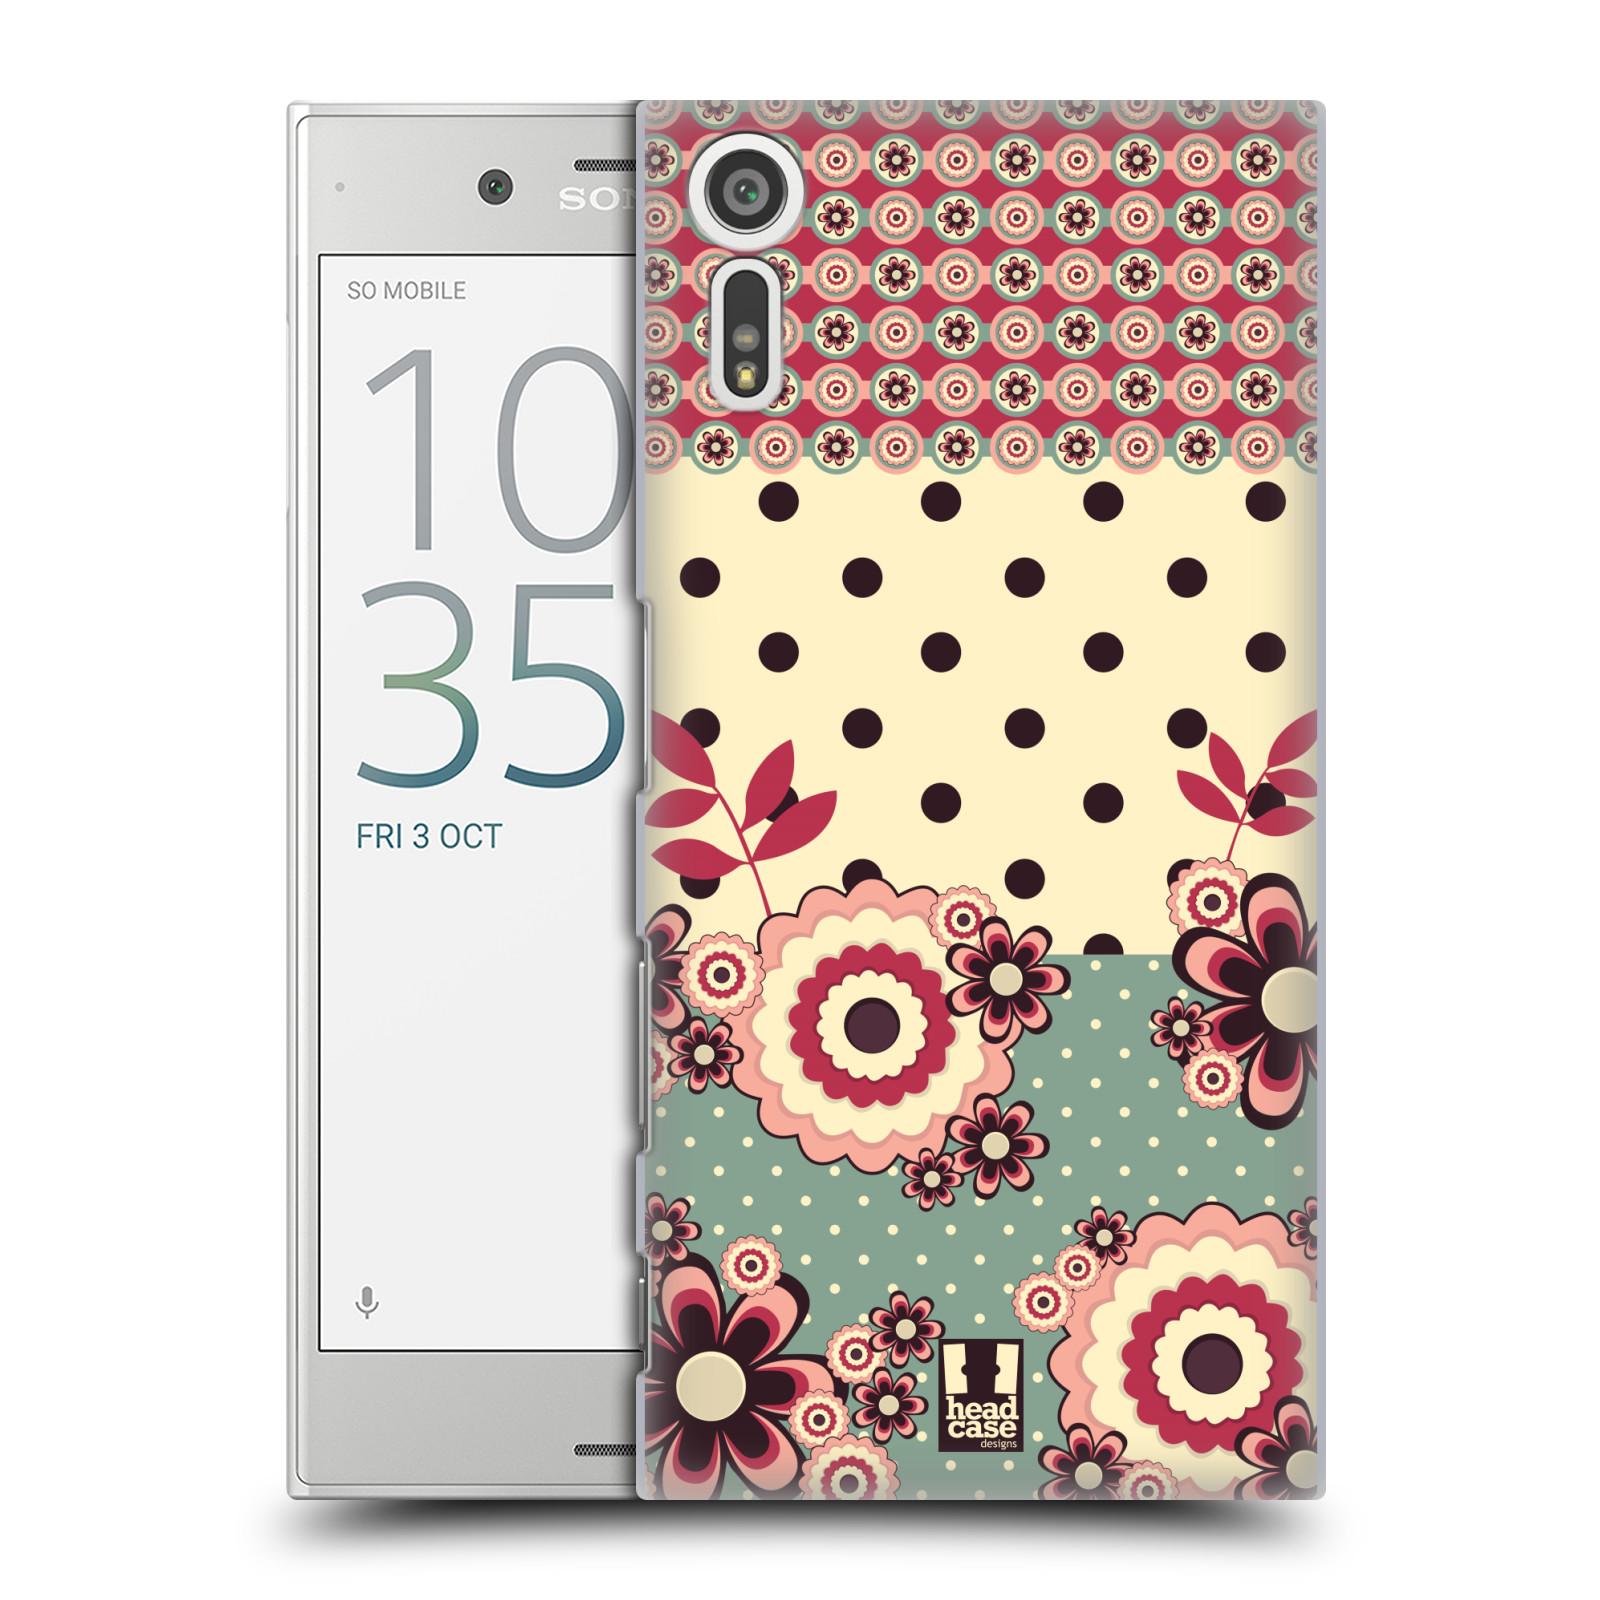 Plastové pouzdro na mobil Sony Xperia XZ - Head Case KVÍTKA PINK CREAM (Plastový kryt či obal na mobilní telefon Sony Xperia XZ F8331 / Sony Xperia XZ Dual F8332)